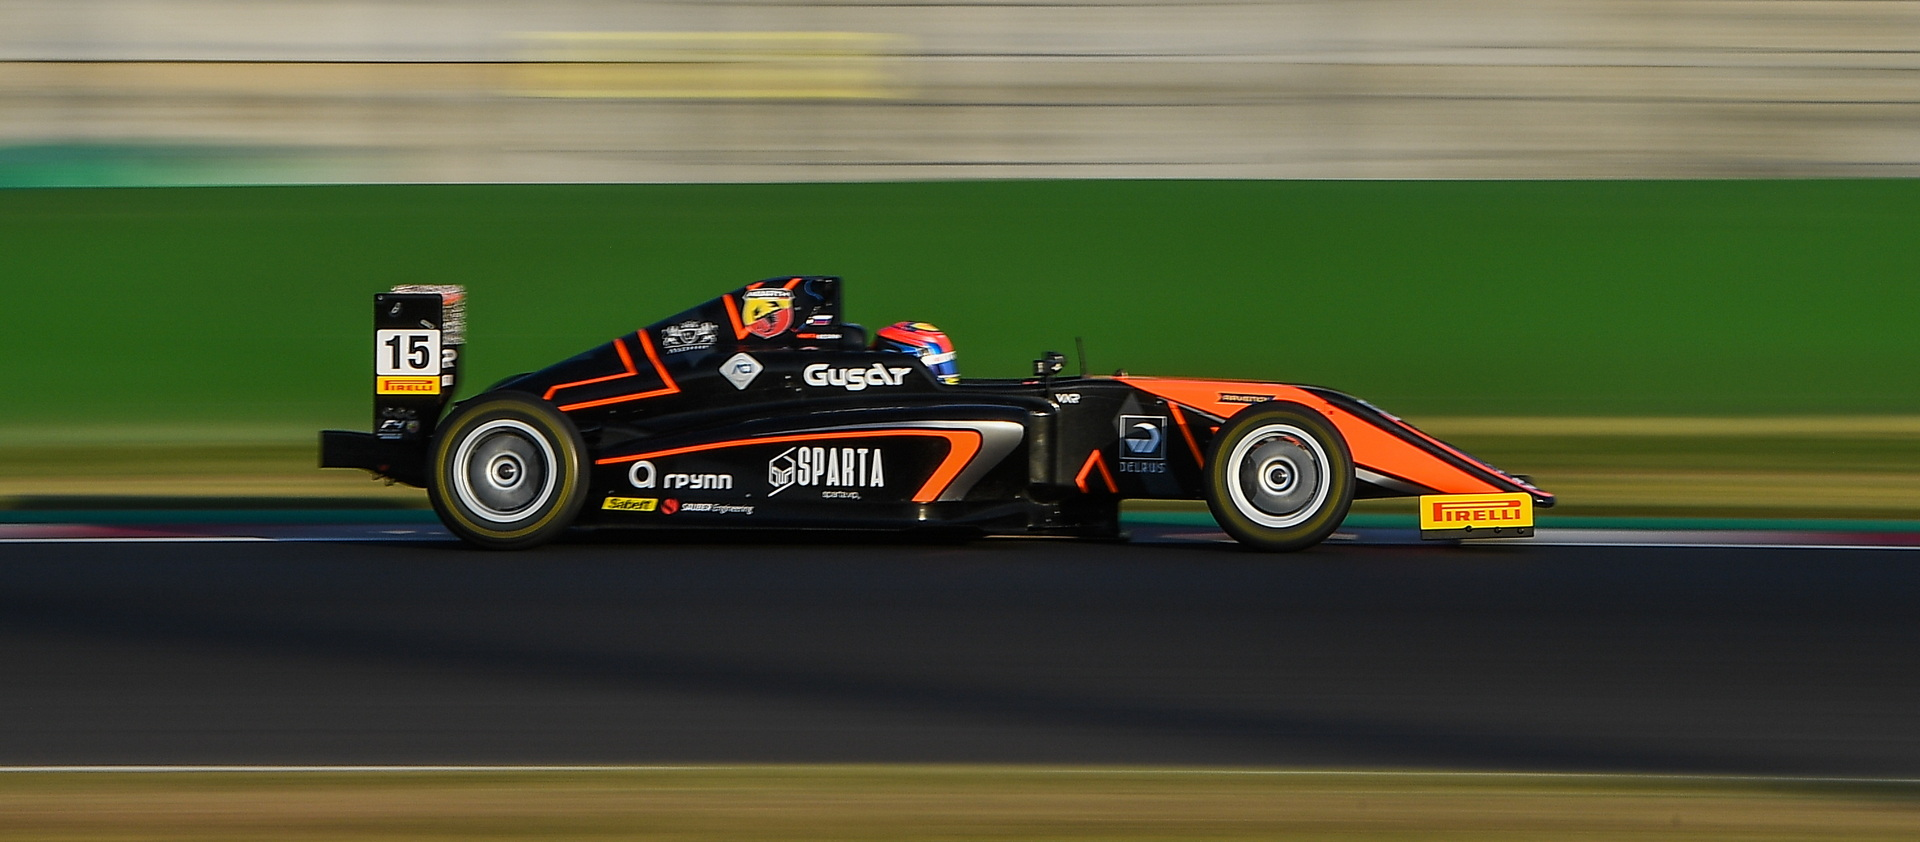 Итальянская Ф-4: Бедрин набрал первые очки в сезоне, Смаля лишили поула - фото